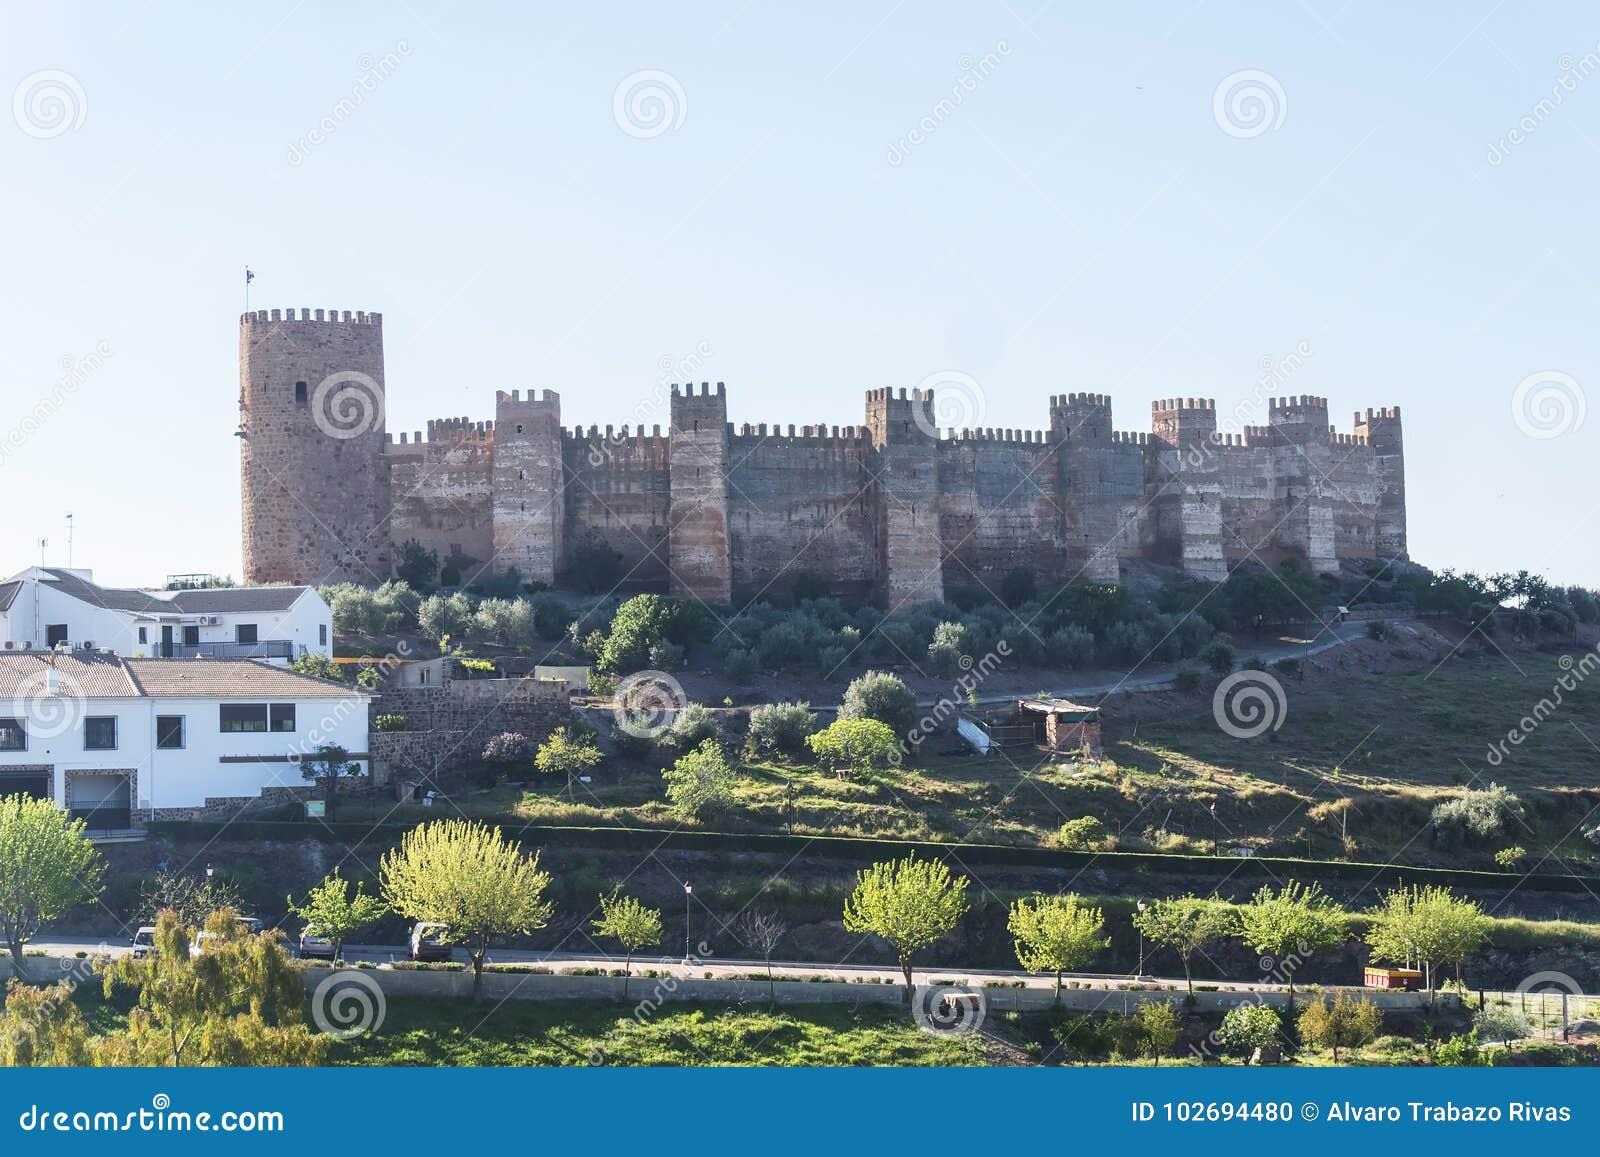 Burgalimar-Schloss, Bedecken-Al-Hamma, Baños De-La Encina-Dorf, J